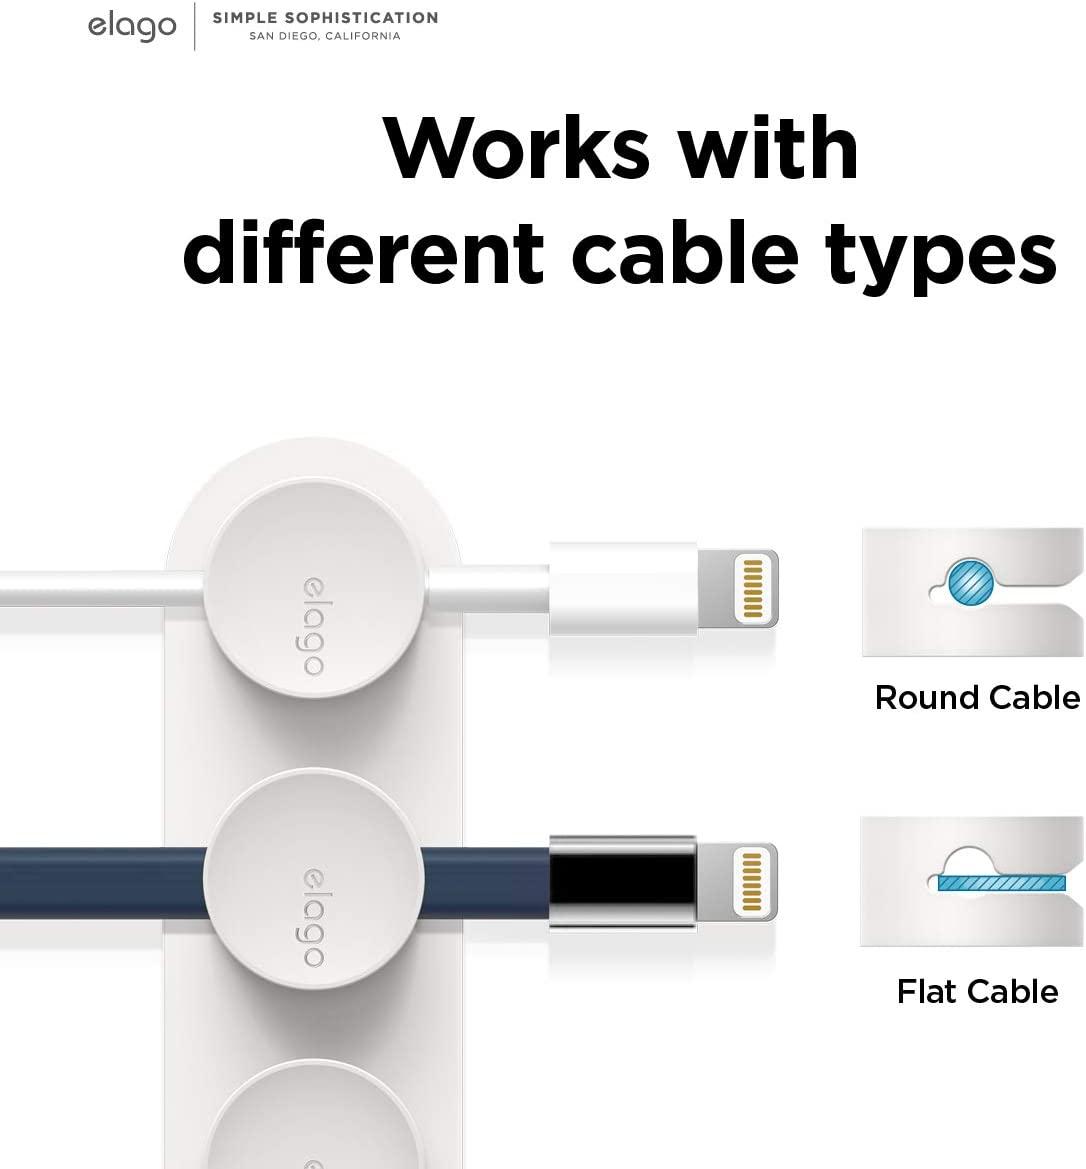 Potentes Imanes Organice 3 Cables Blanco elago Botones Magn/éticos de Gesti/ón de Cables Adhesivo Reutilizable que se Adhiere a la Superficie Organizaci/ón del Escritorio